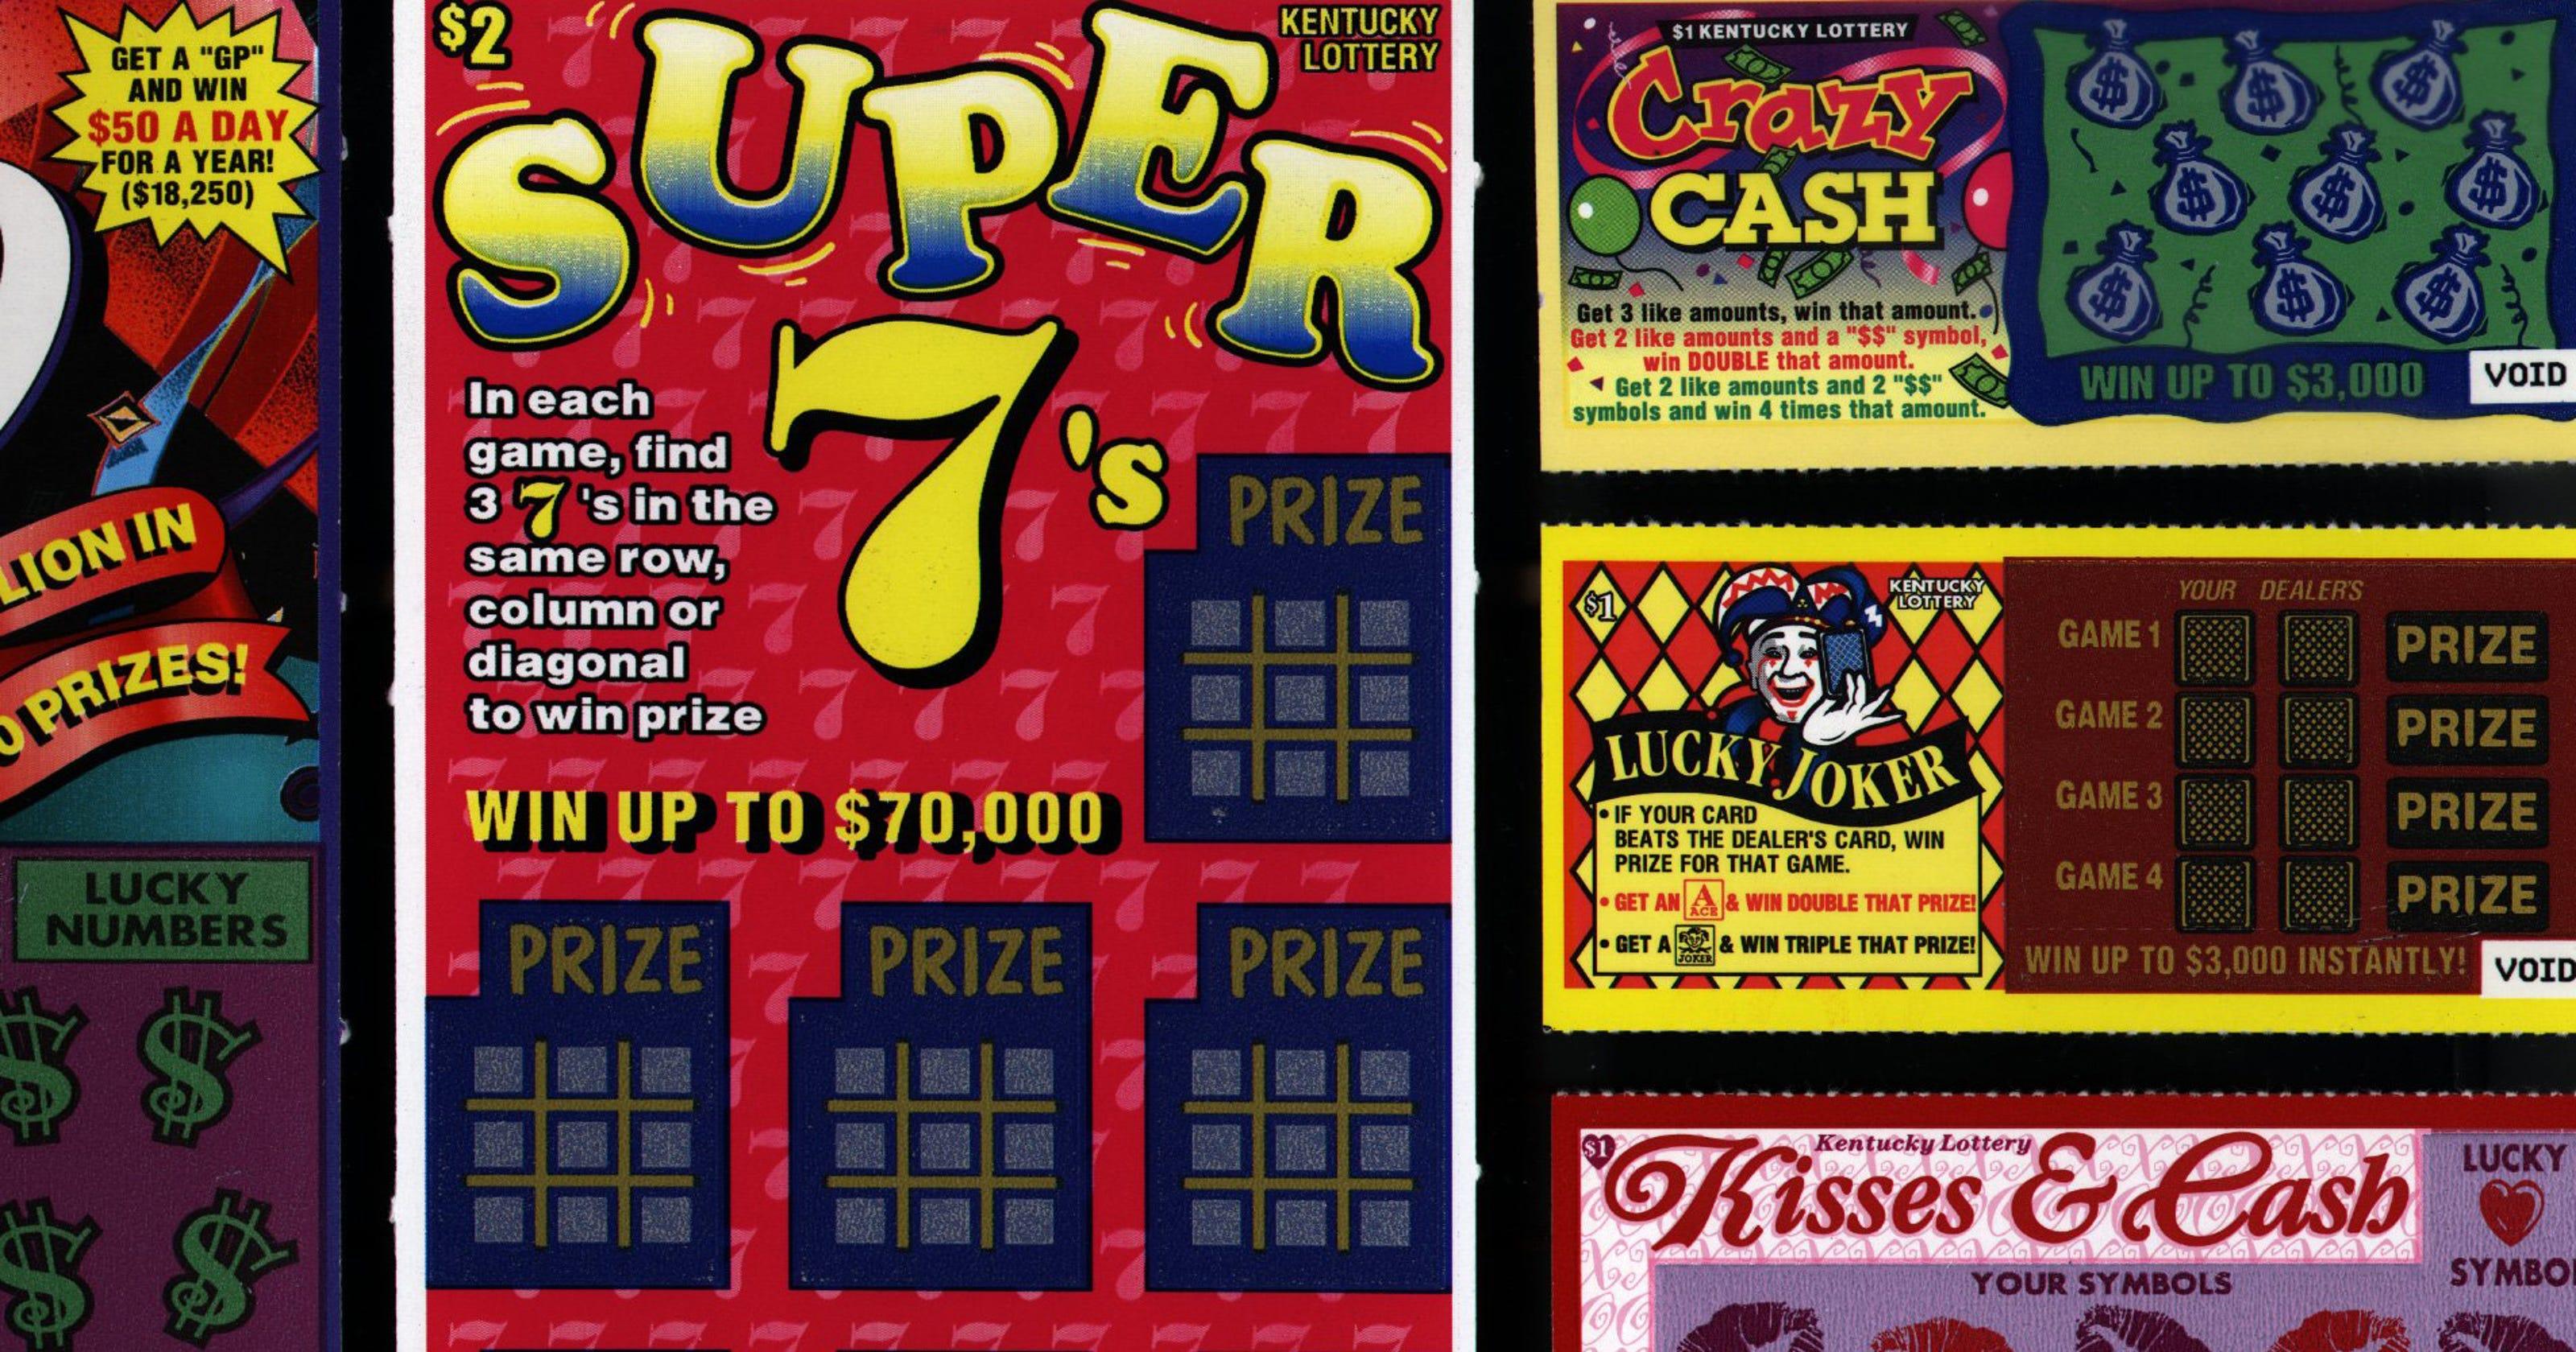 Hoosier Lottery: $43 8 million winning ticket sold outside Louisville